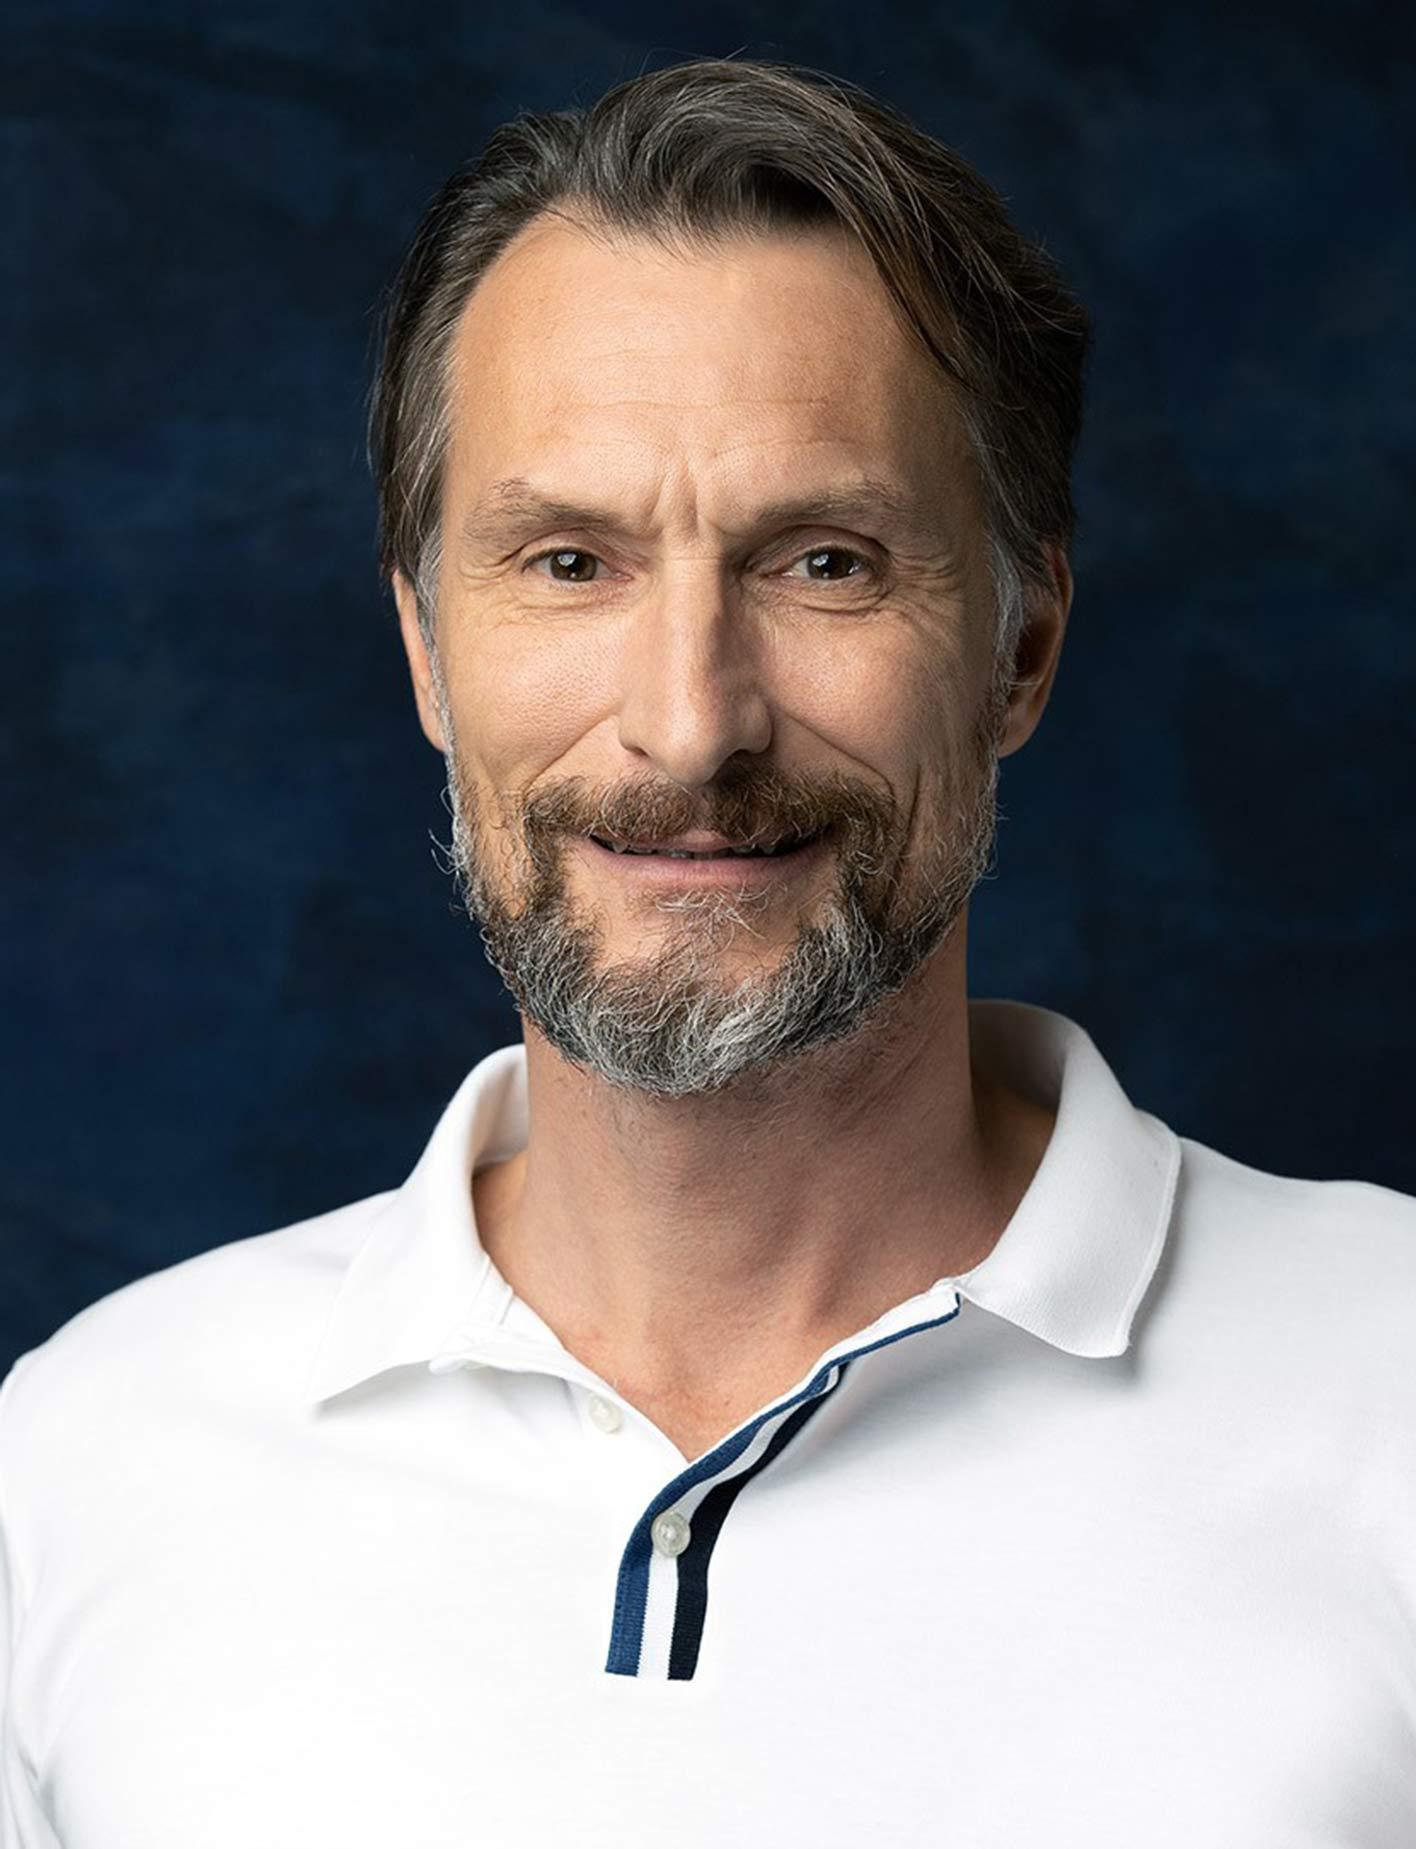 Dr. Vinzenz Smekal